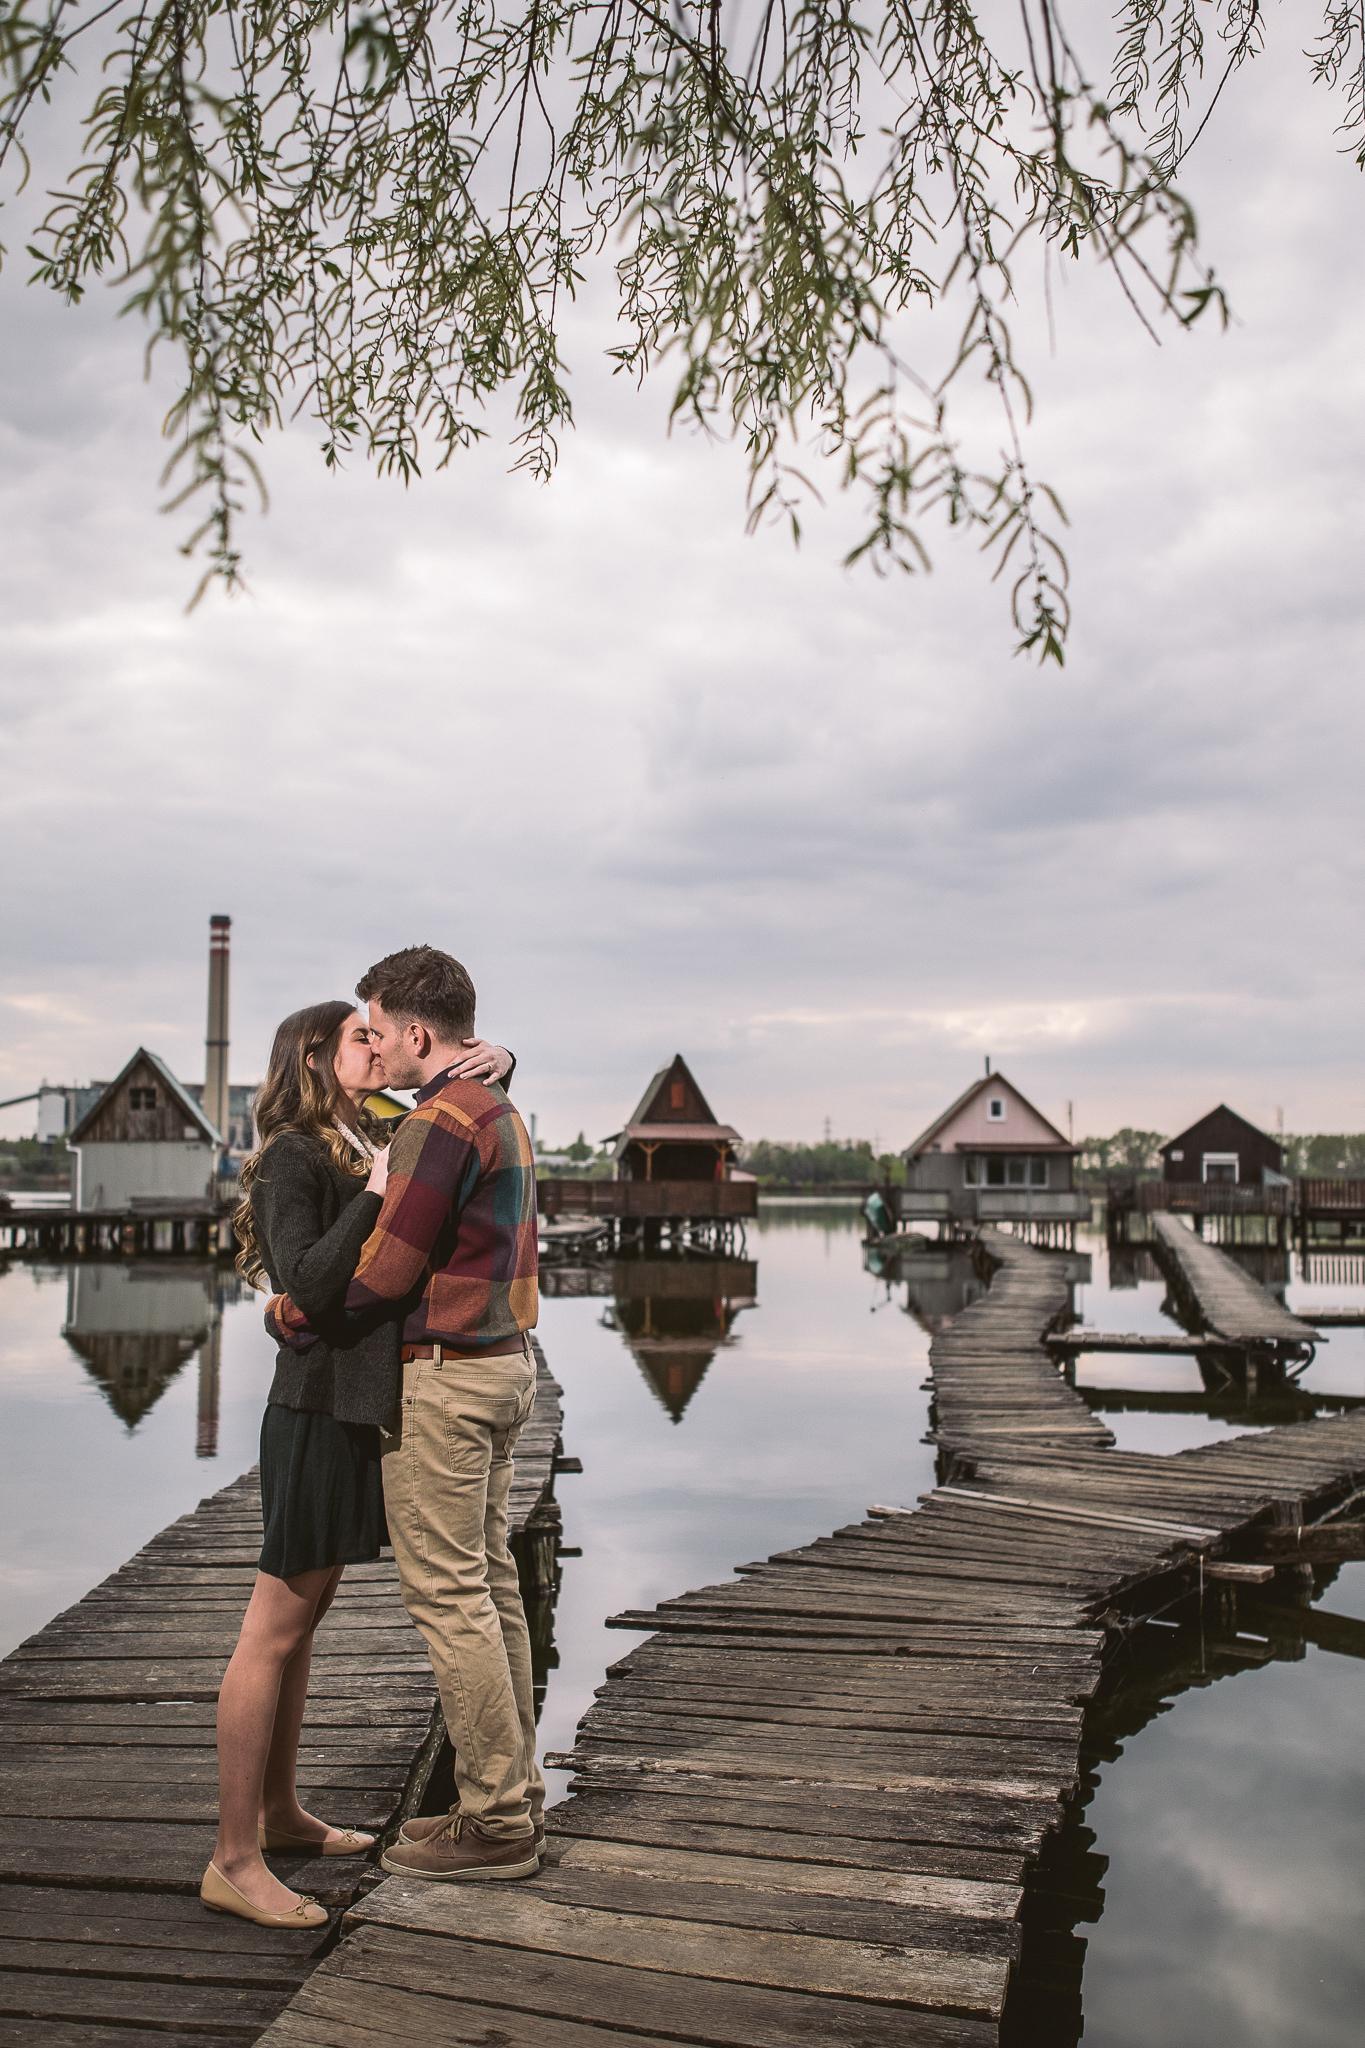 FylepPhoto, esküvőfotózás, magyarország, esküvői fotós, vasmegye, prémium, jegyesfotózás, Fülöp Péter, körmend, kreatív, Bokod, Budapest 35.jpg